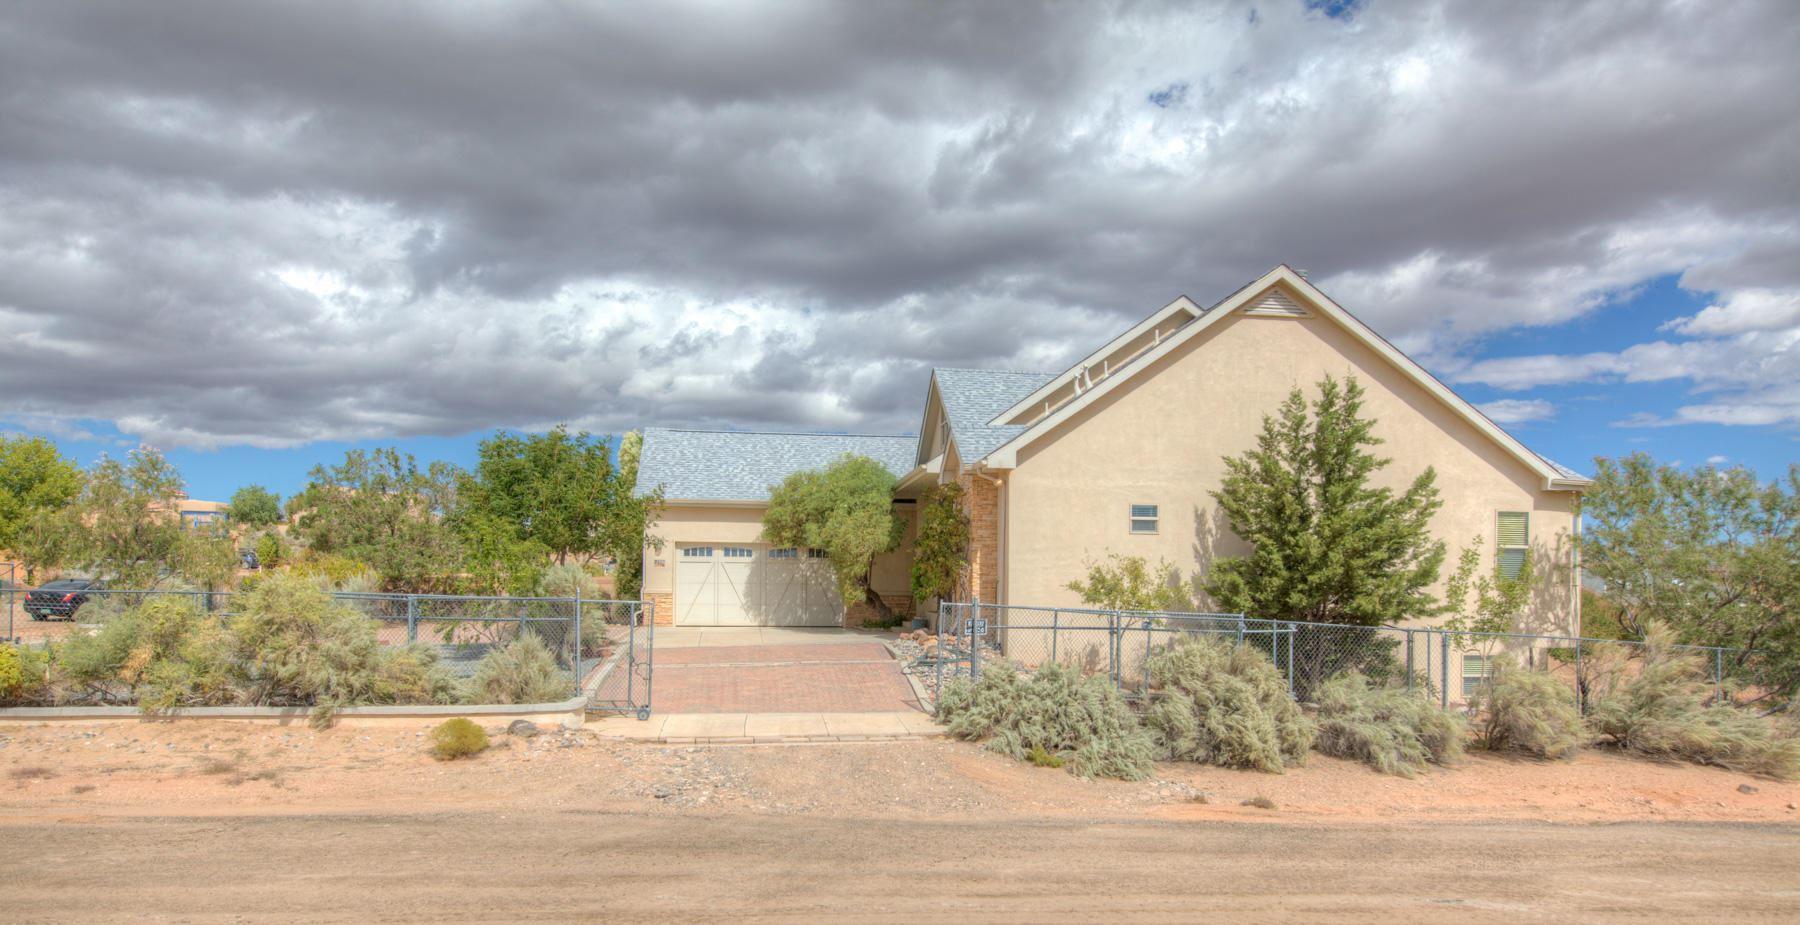 Photo of 2516 48TH Street NE, Rio Rancho, NM 87144 (MLS # 963661)